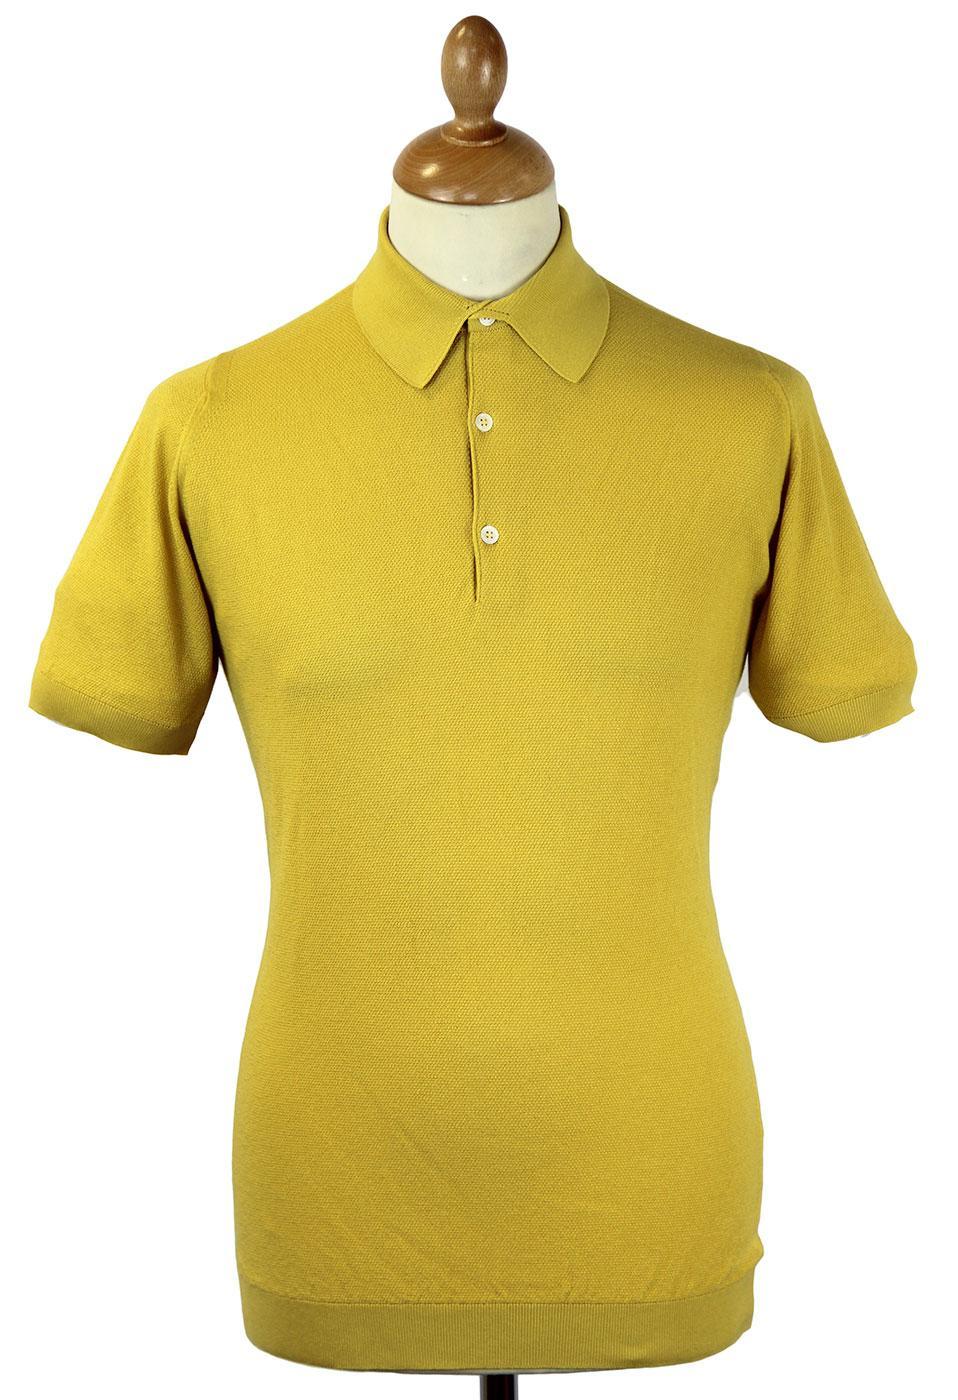 Roth JOHN SMEDLEY Retro Mod Slim Fit Pique Polo LD